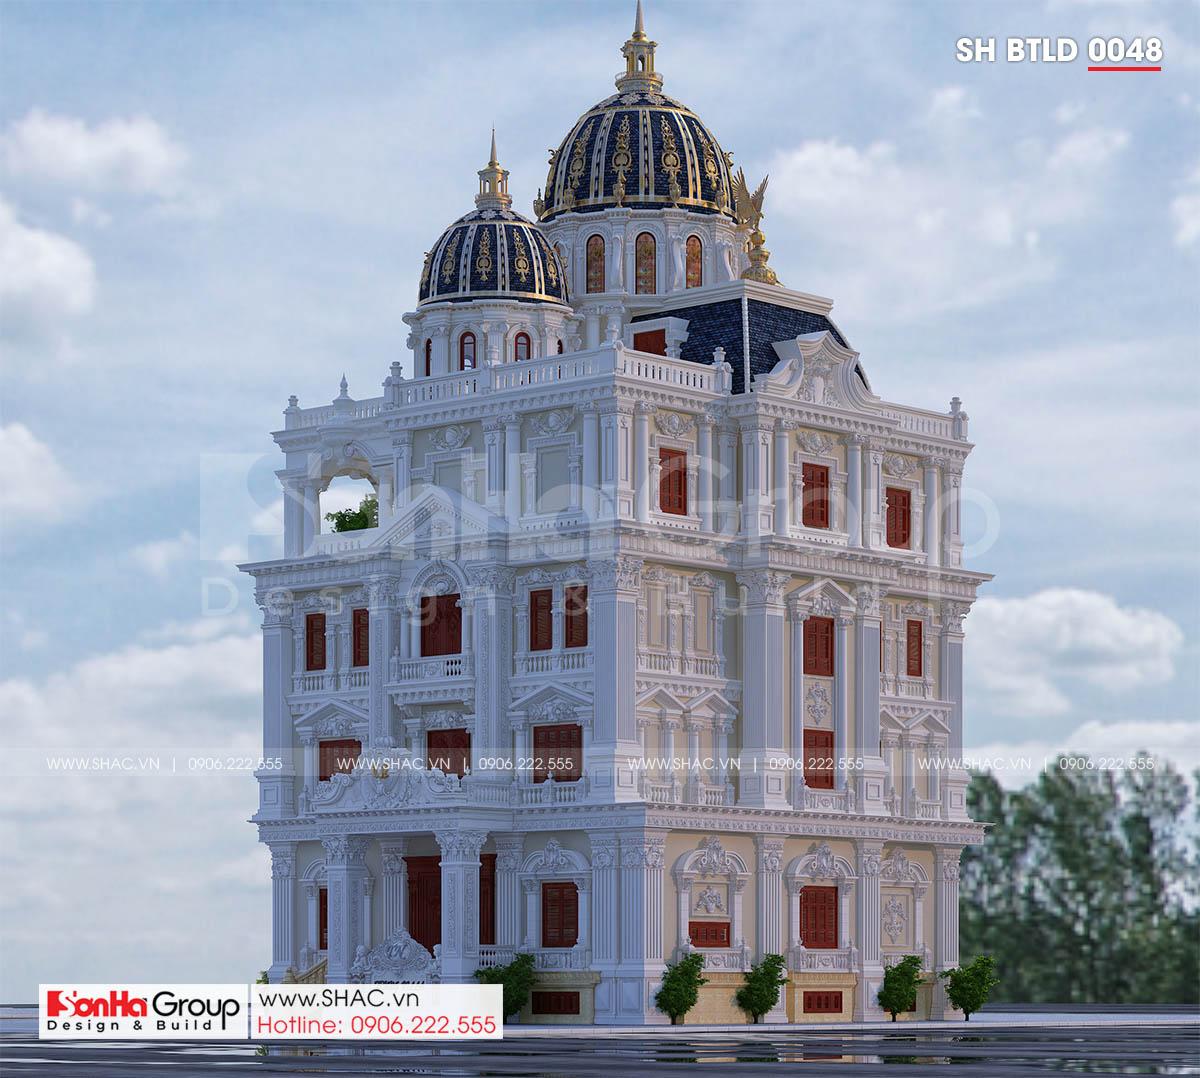 Mẫu biệt thự lâu đài tráng lệ tại Cần Thơ